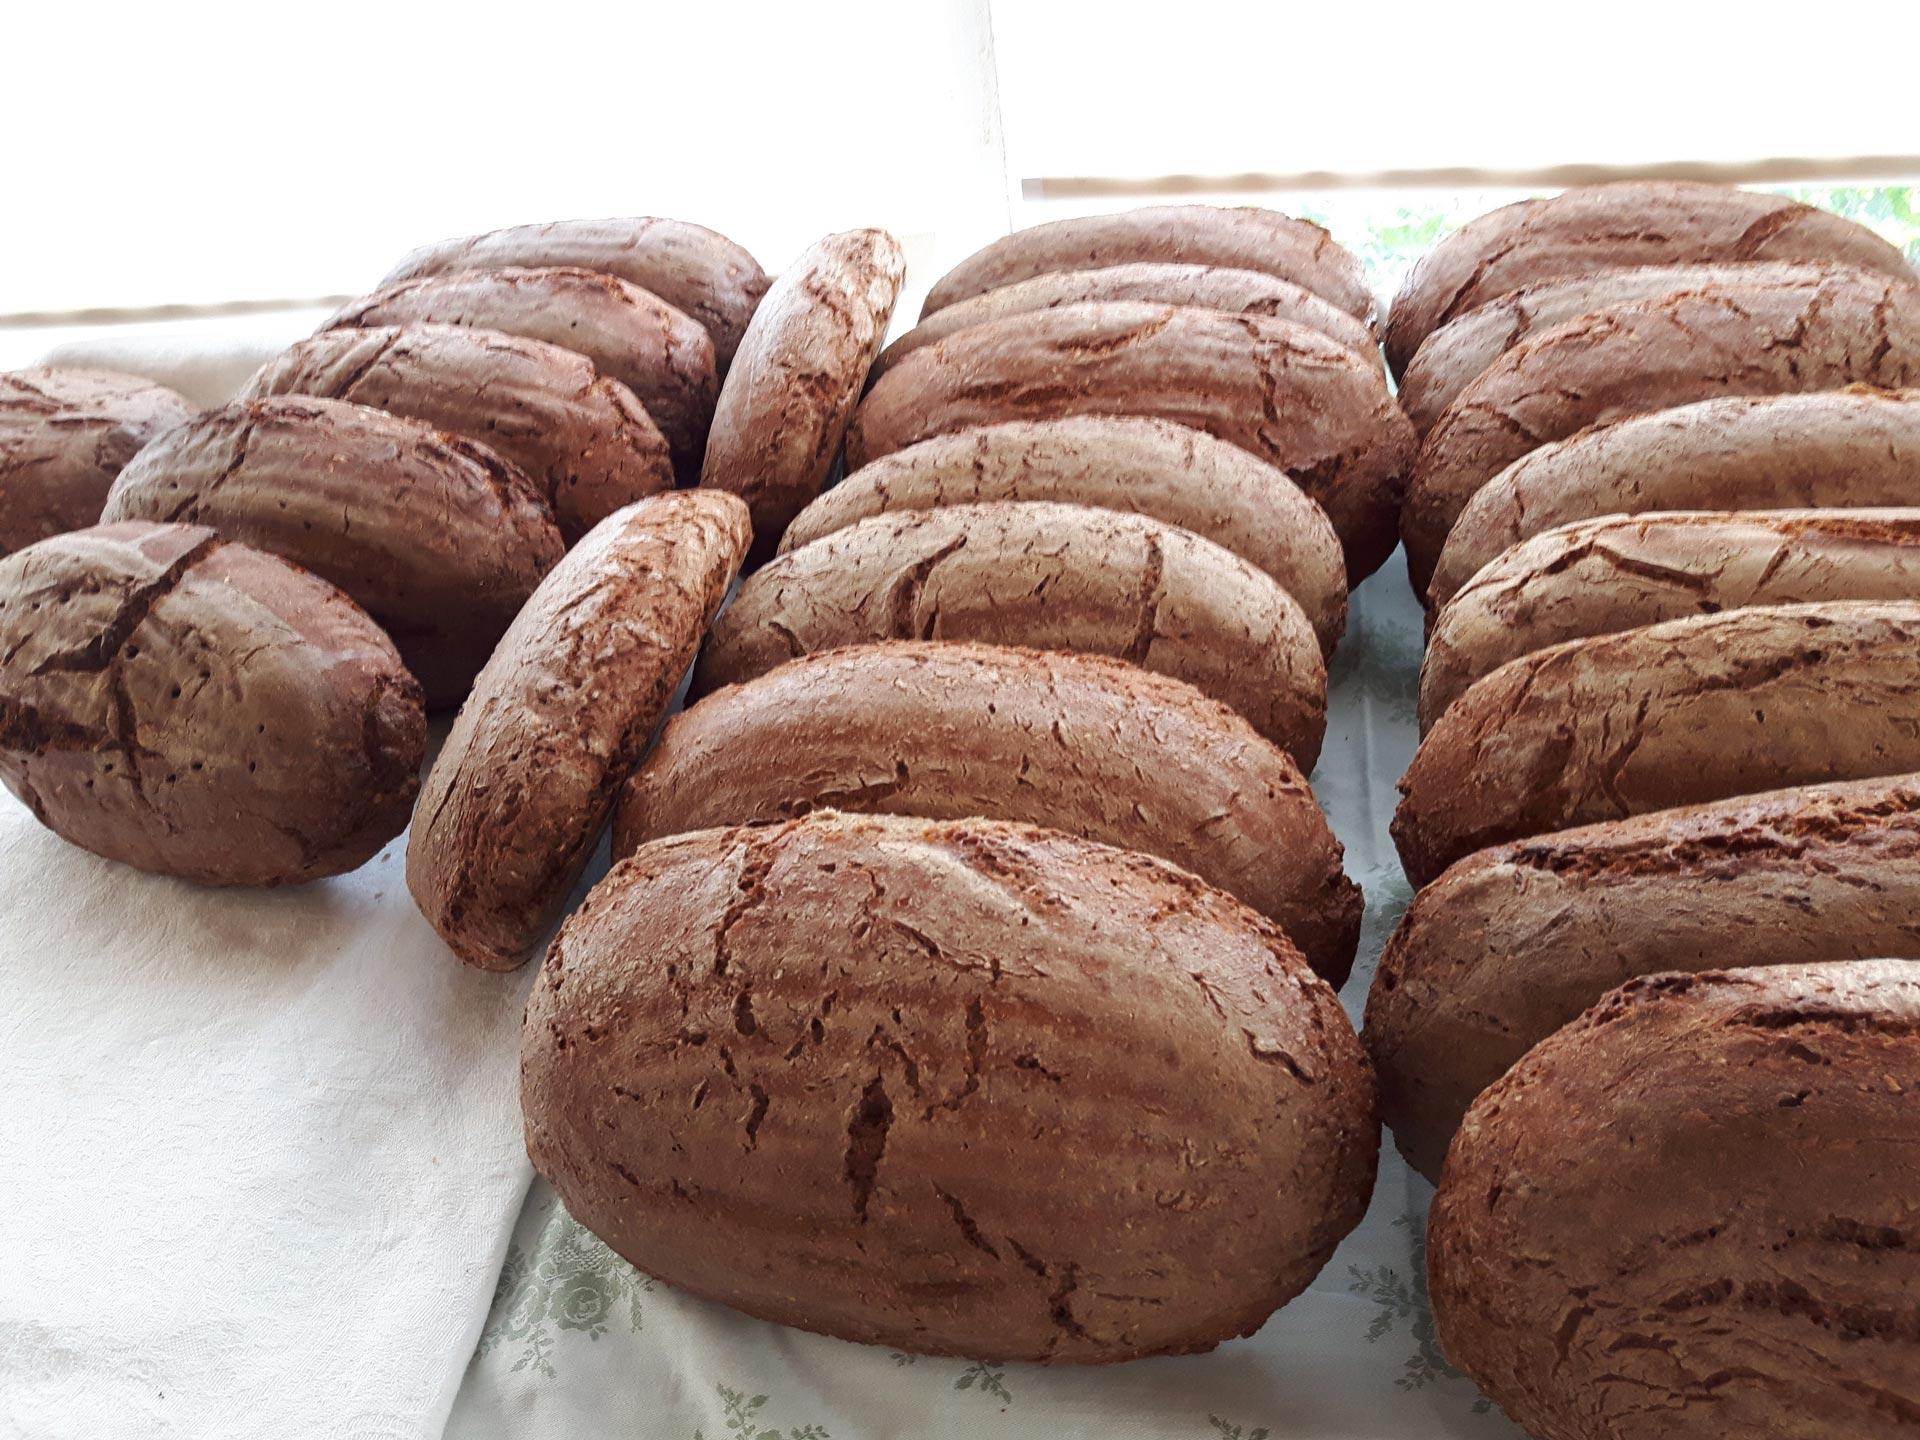 Brot, Milchprodukte, Säfte und mehr im Bauernladen der Familienpension Rasch.